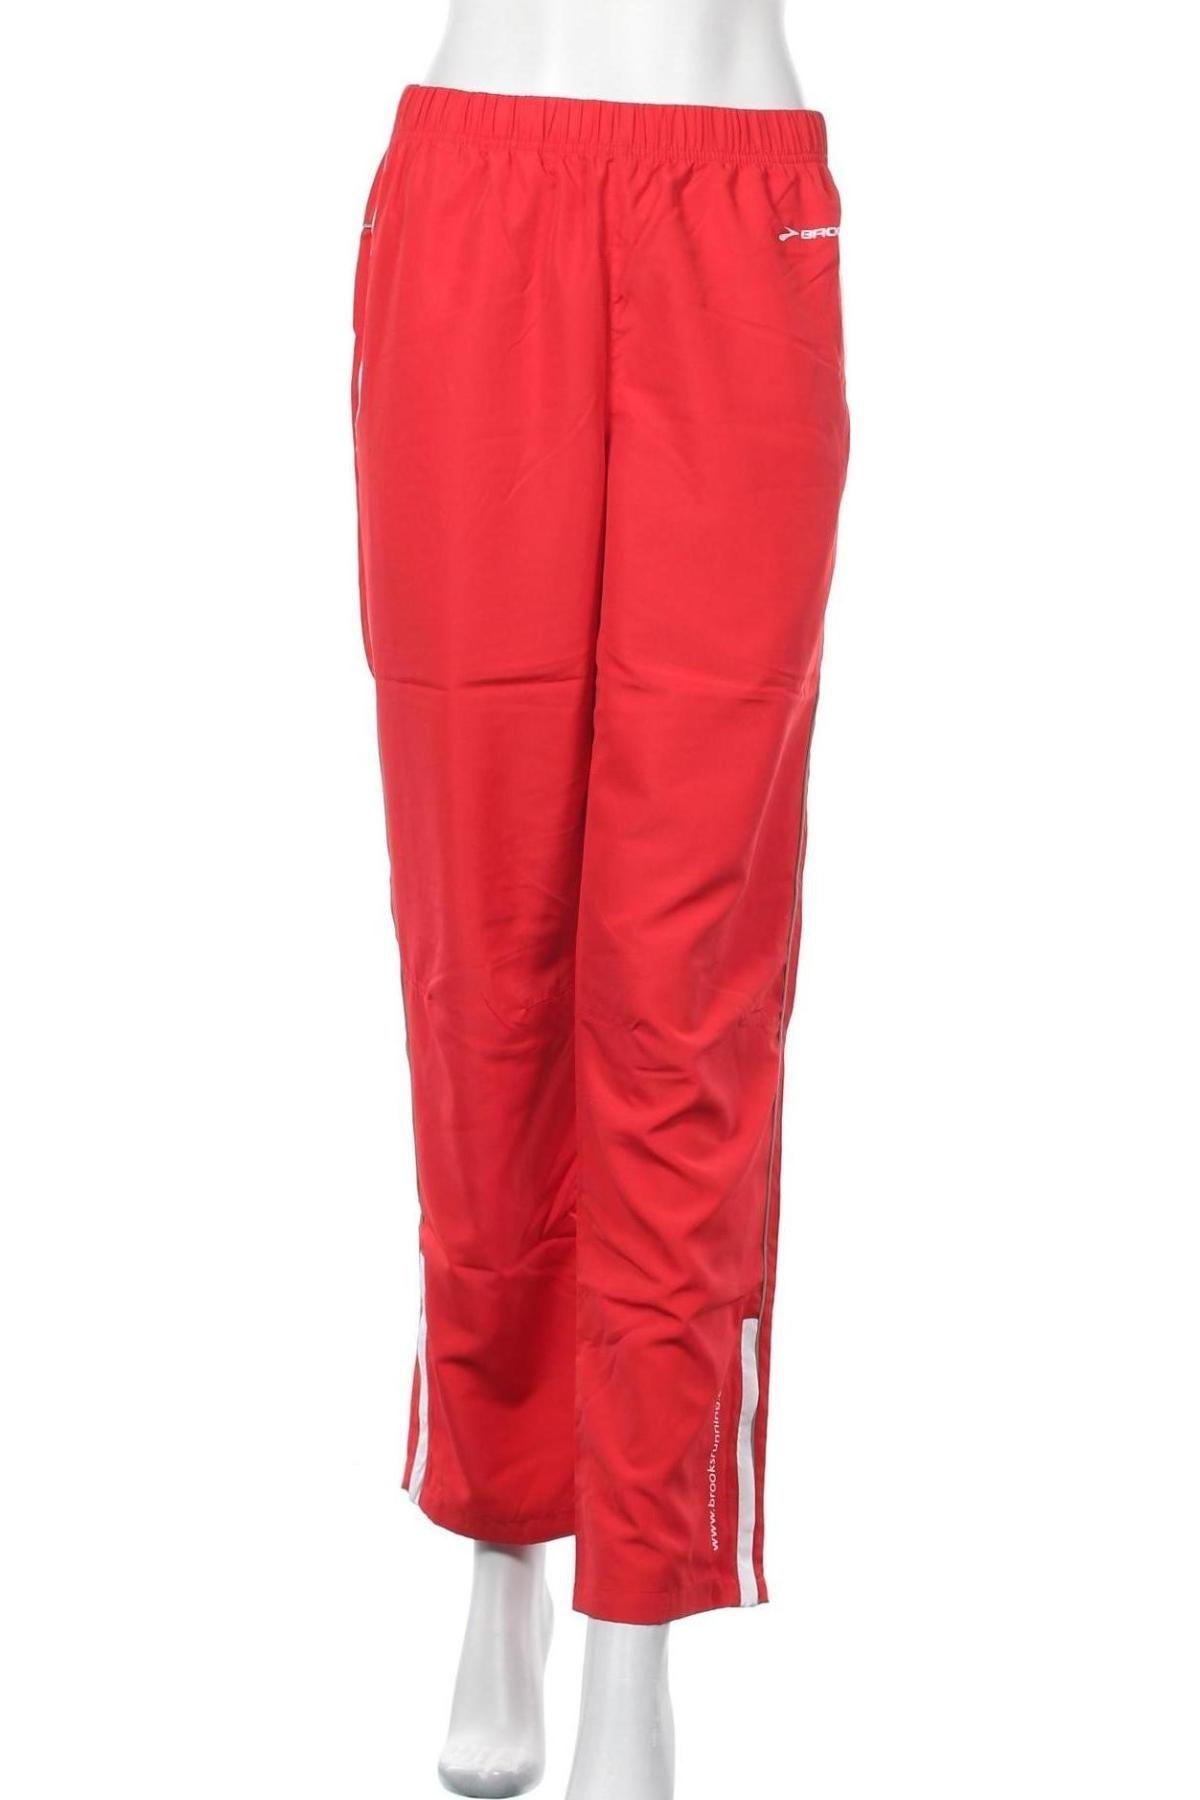 Γυναικείο αθλητικό παντελόνι Brooks, Μέγεθος S, Χρώμα Κόκκινο, Πολυεστέρας, Τιμή 19,63€